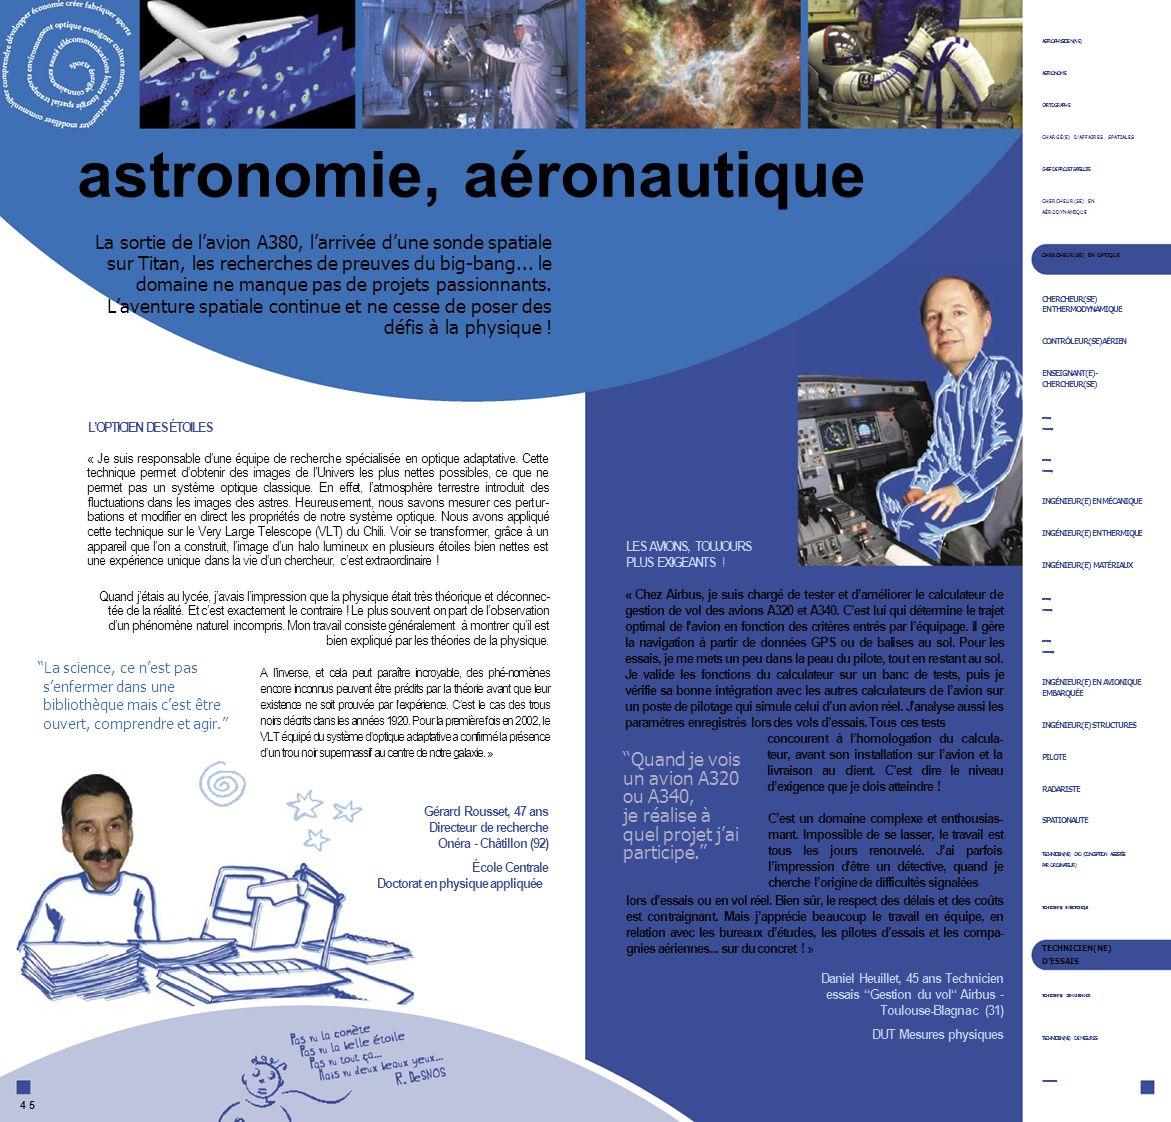 astronomie, aéronautique